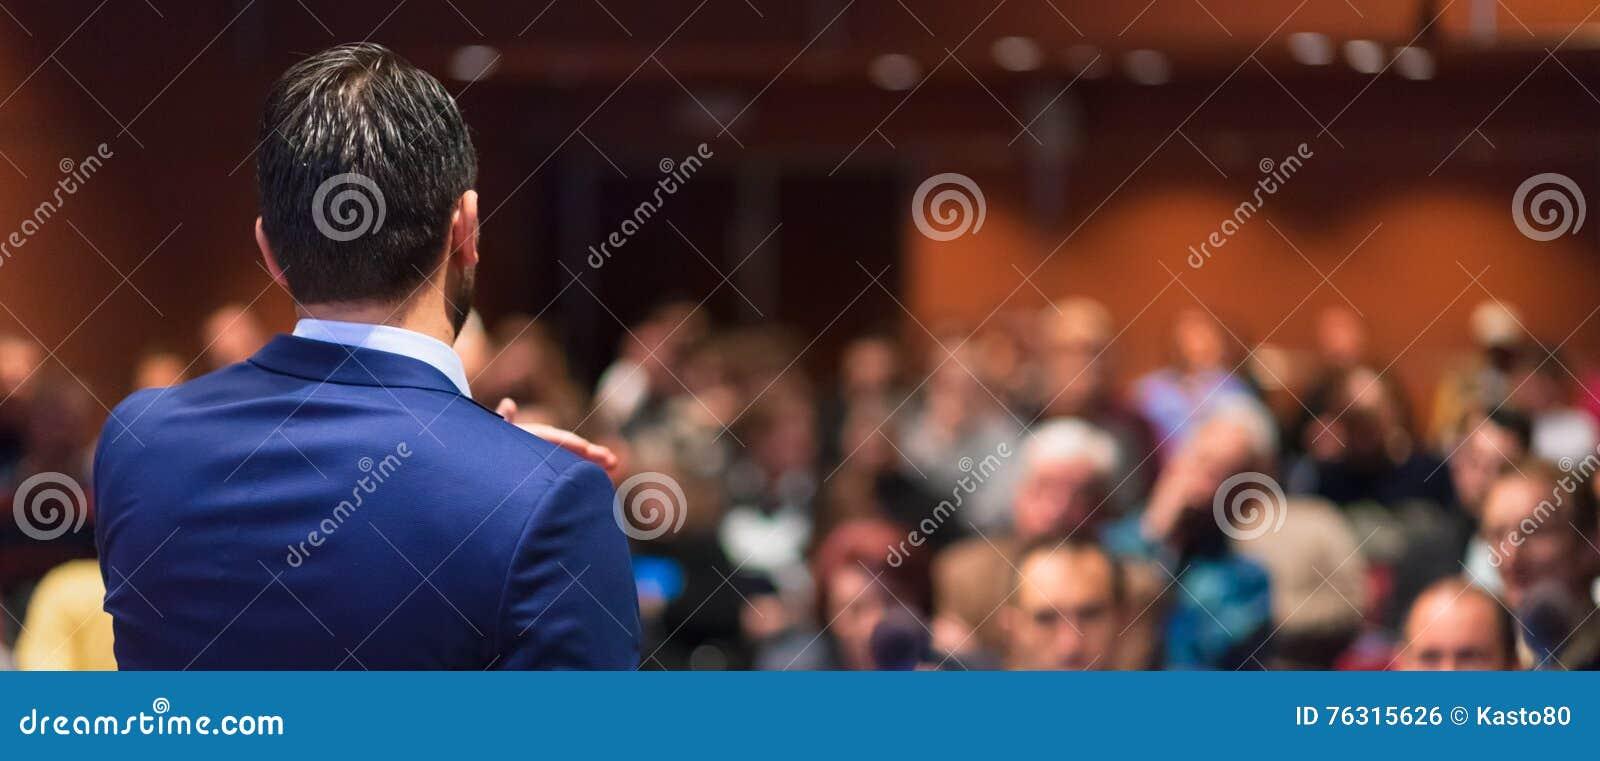 Оратор давая беседу на бизнес-мероприятии